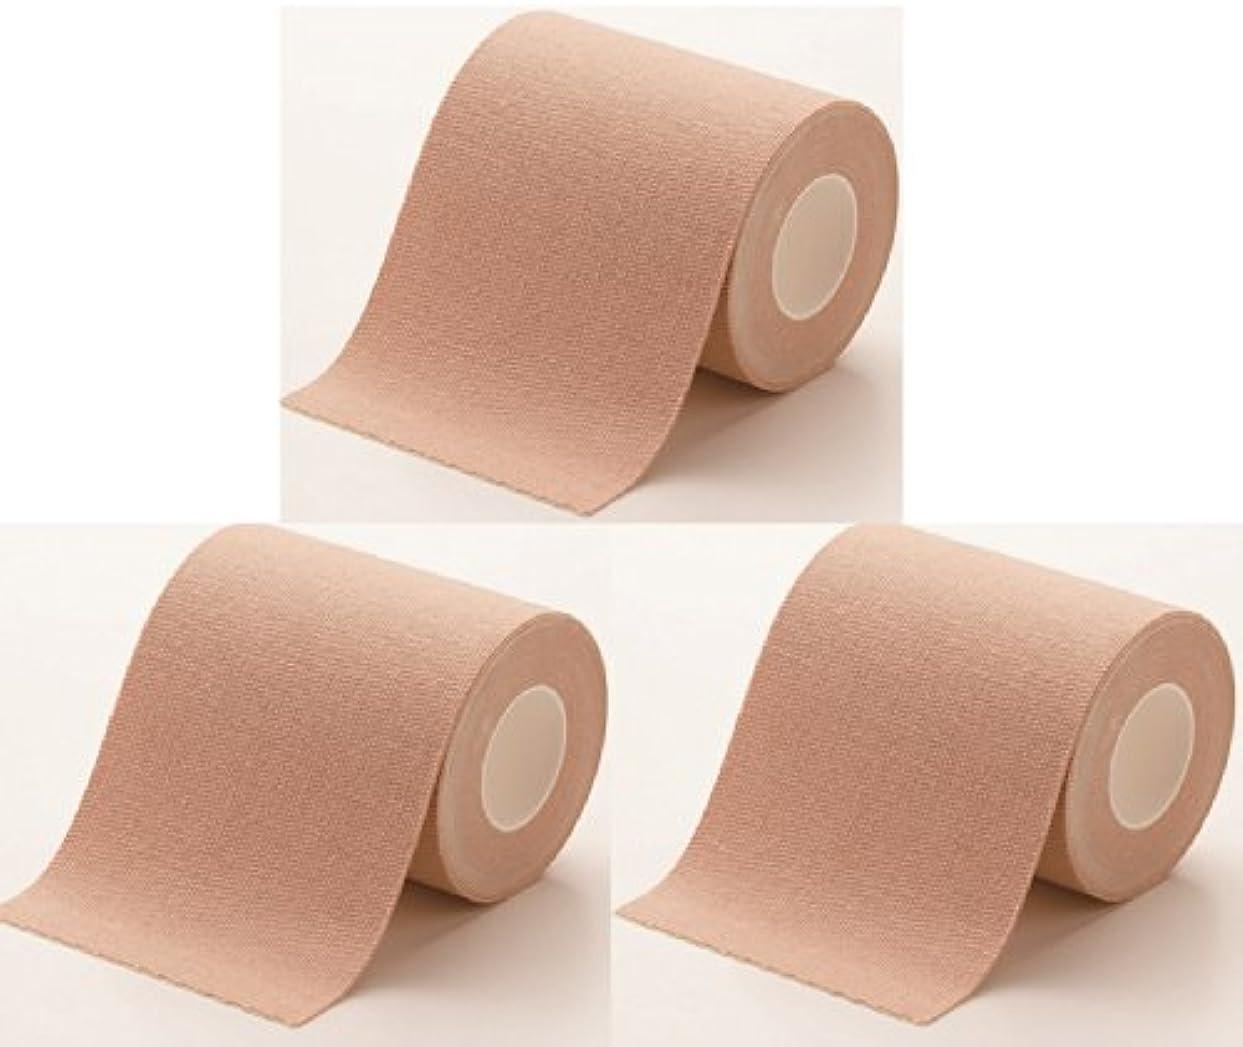 わずかな蒸気ビーチ汗かきさんの直貼りワイド汗取りシート3個組 (ヒアルロン酸配合?抗菌加工)